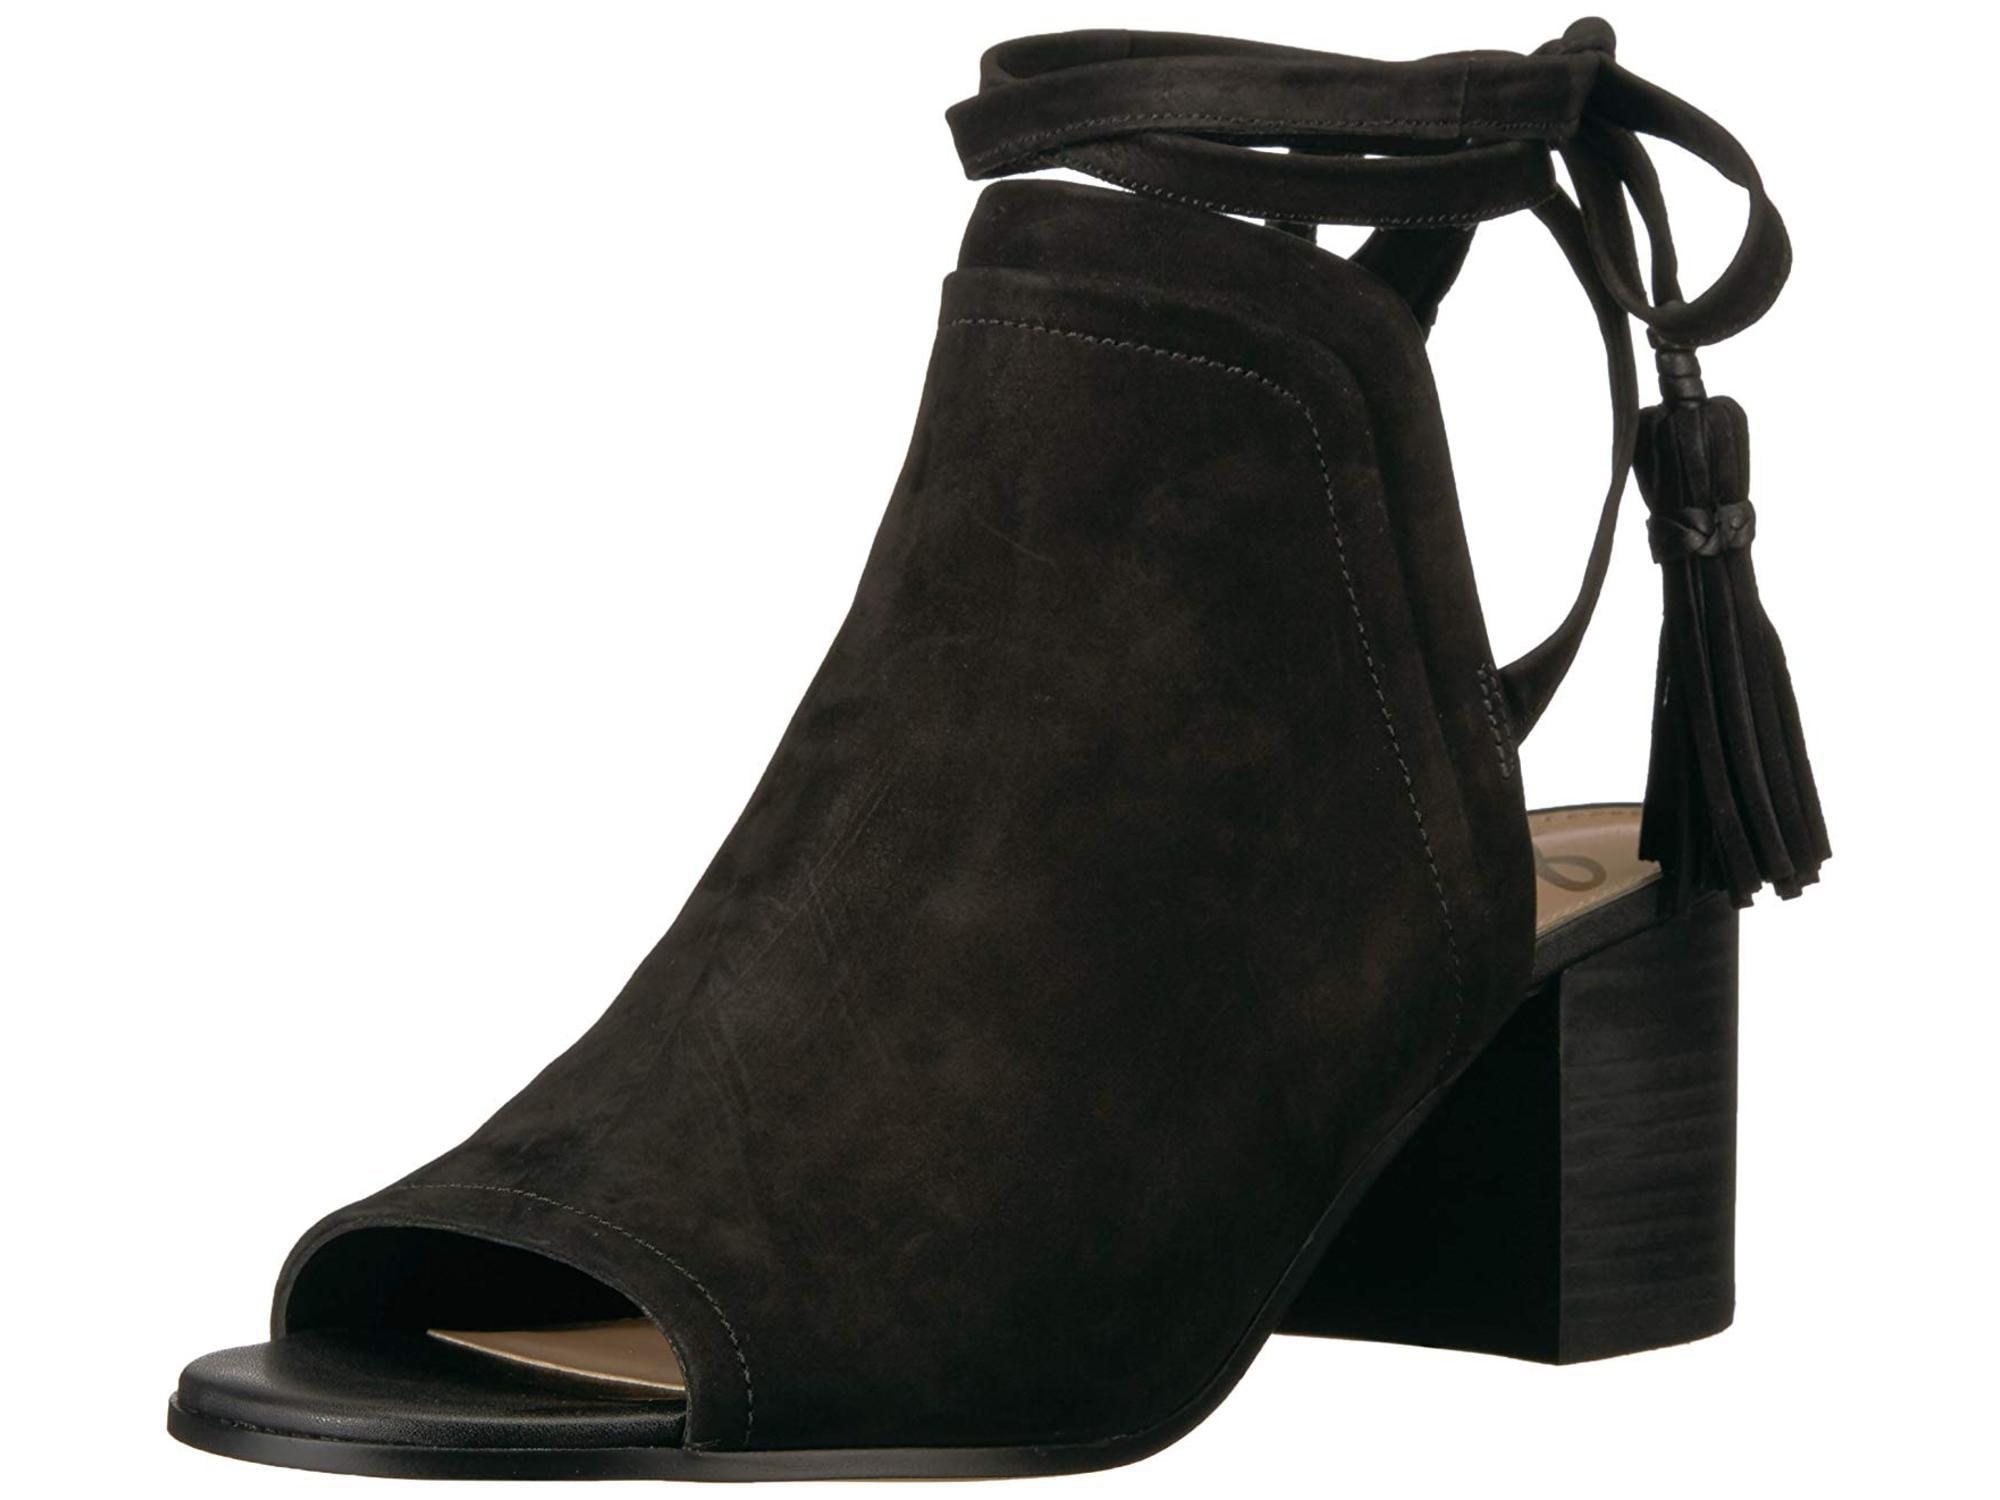 9e89febede27 Sam Edelman Womens Sampson Leather Open Toe Casual Strappy